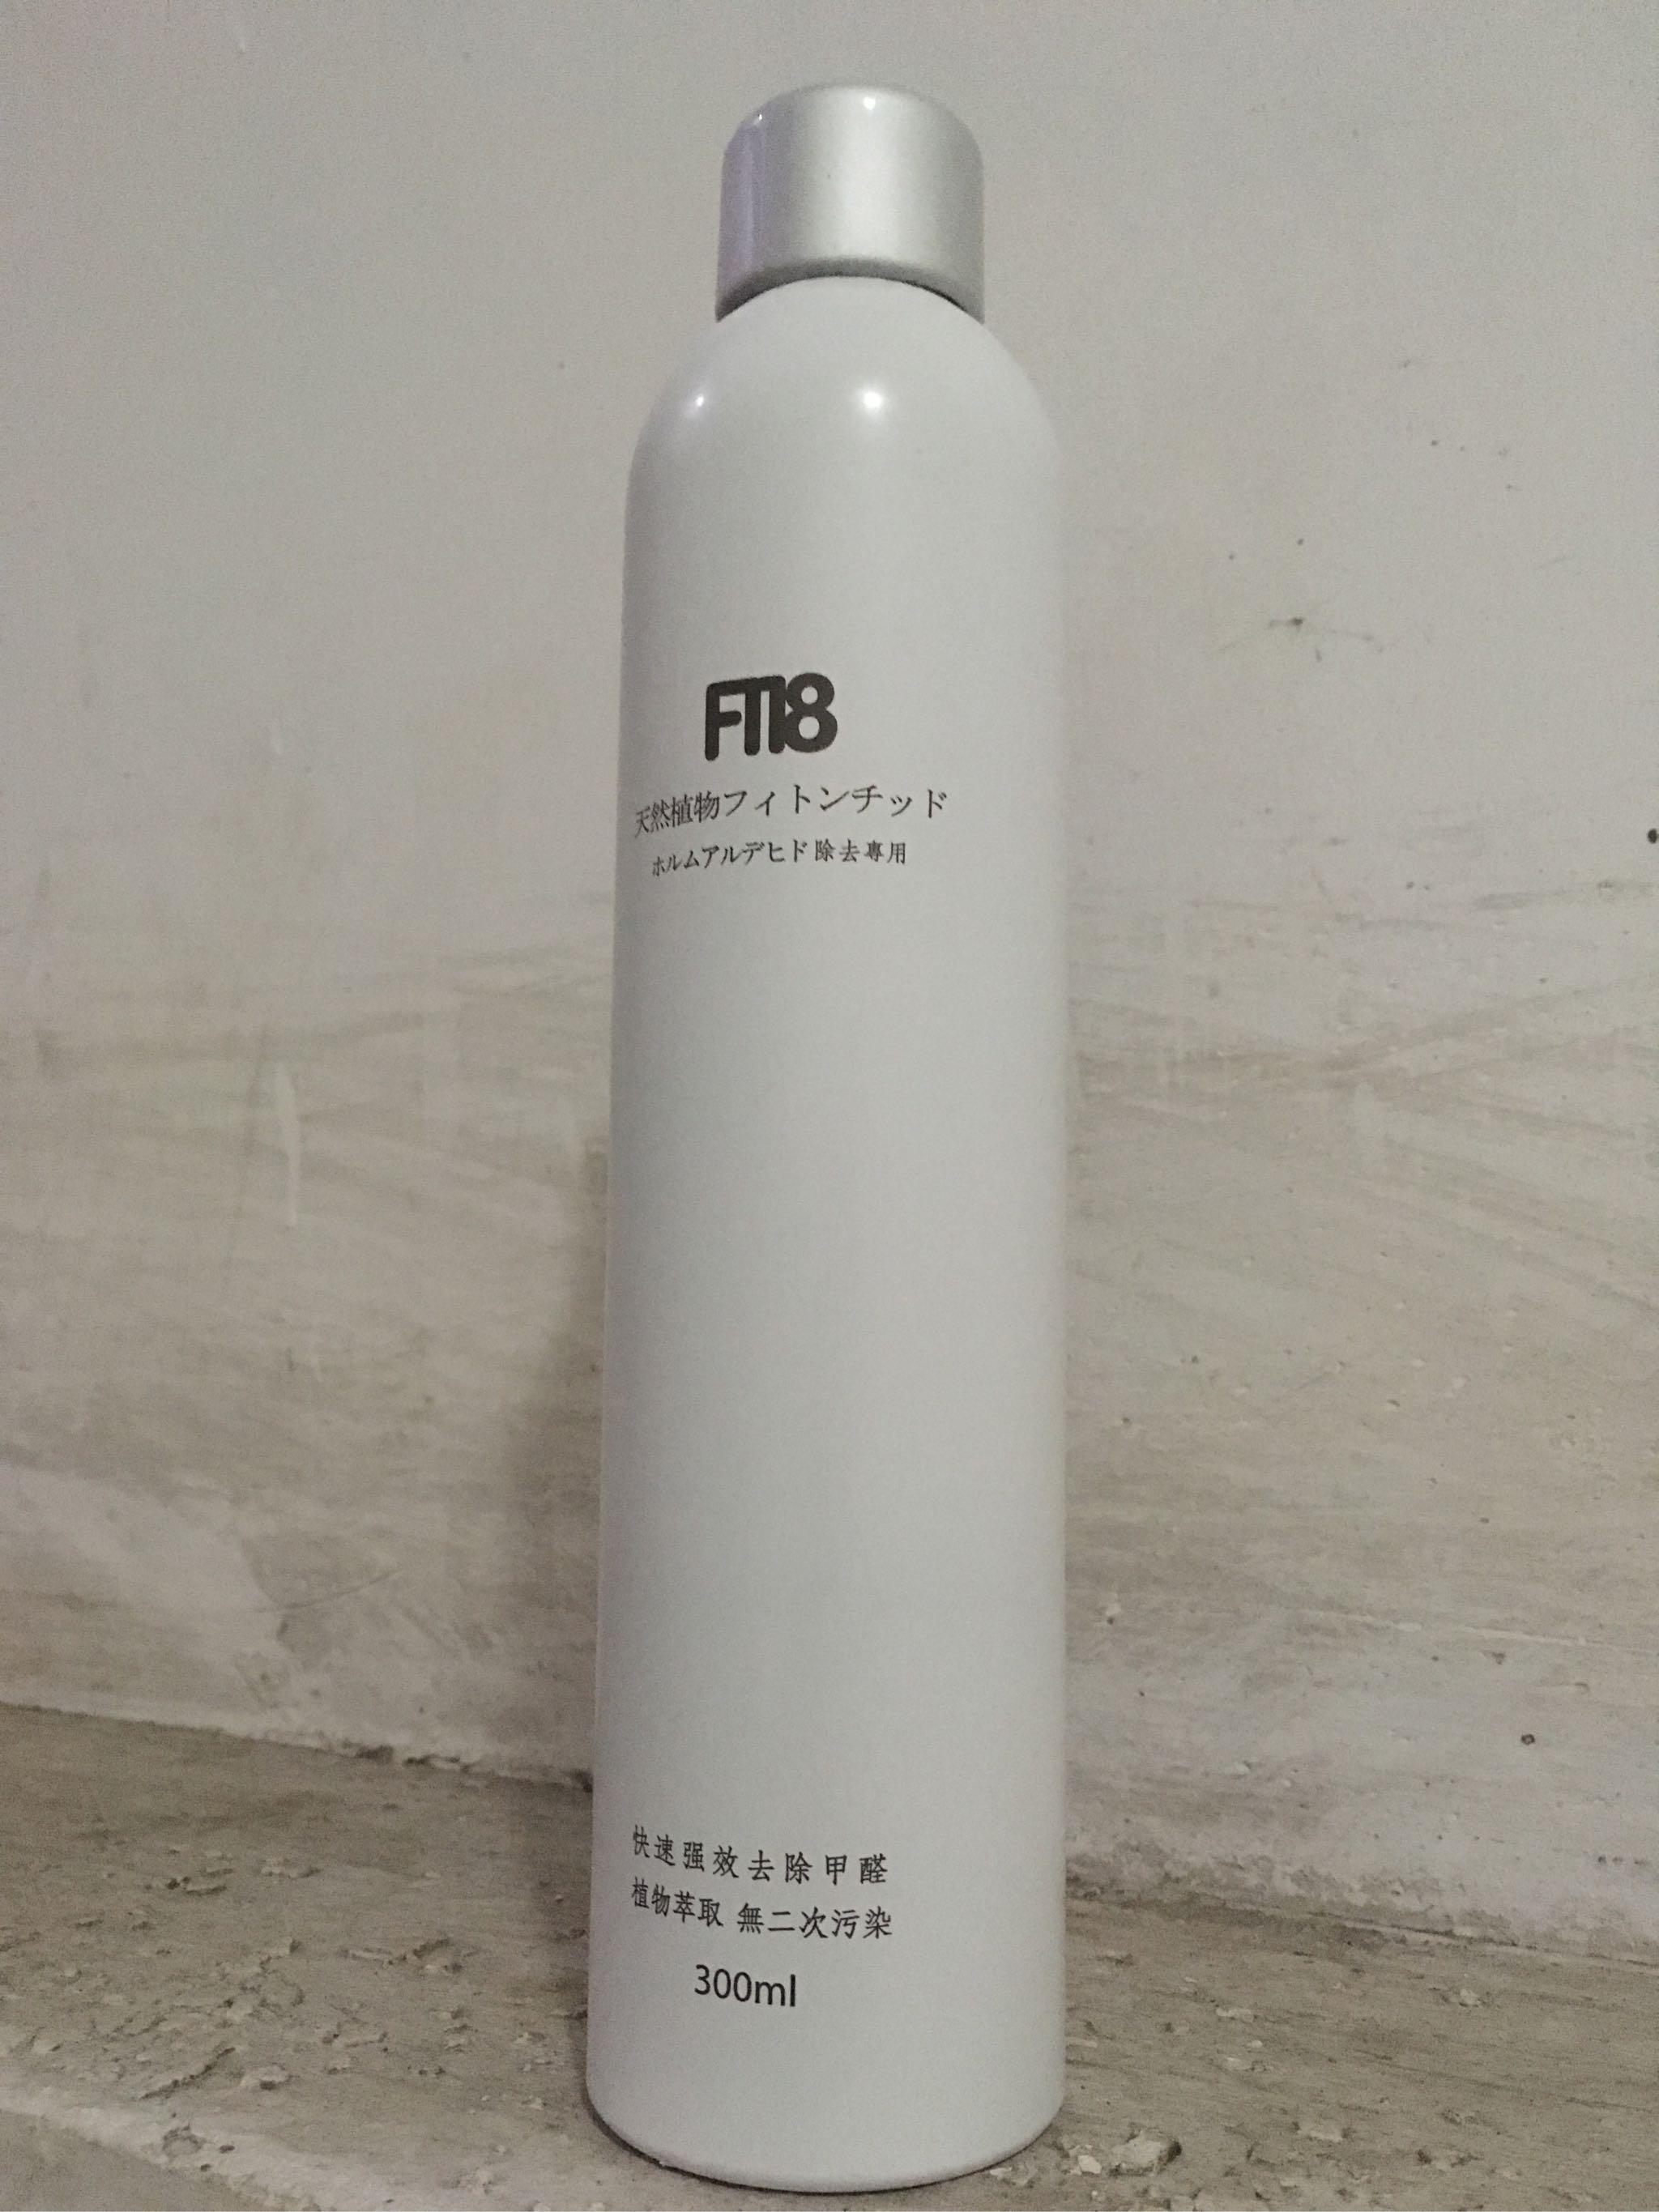 两周测试F118日本生物酶技术除甲醛喷剂,车内味道有变淡